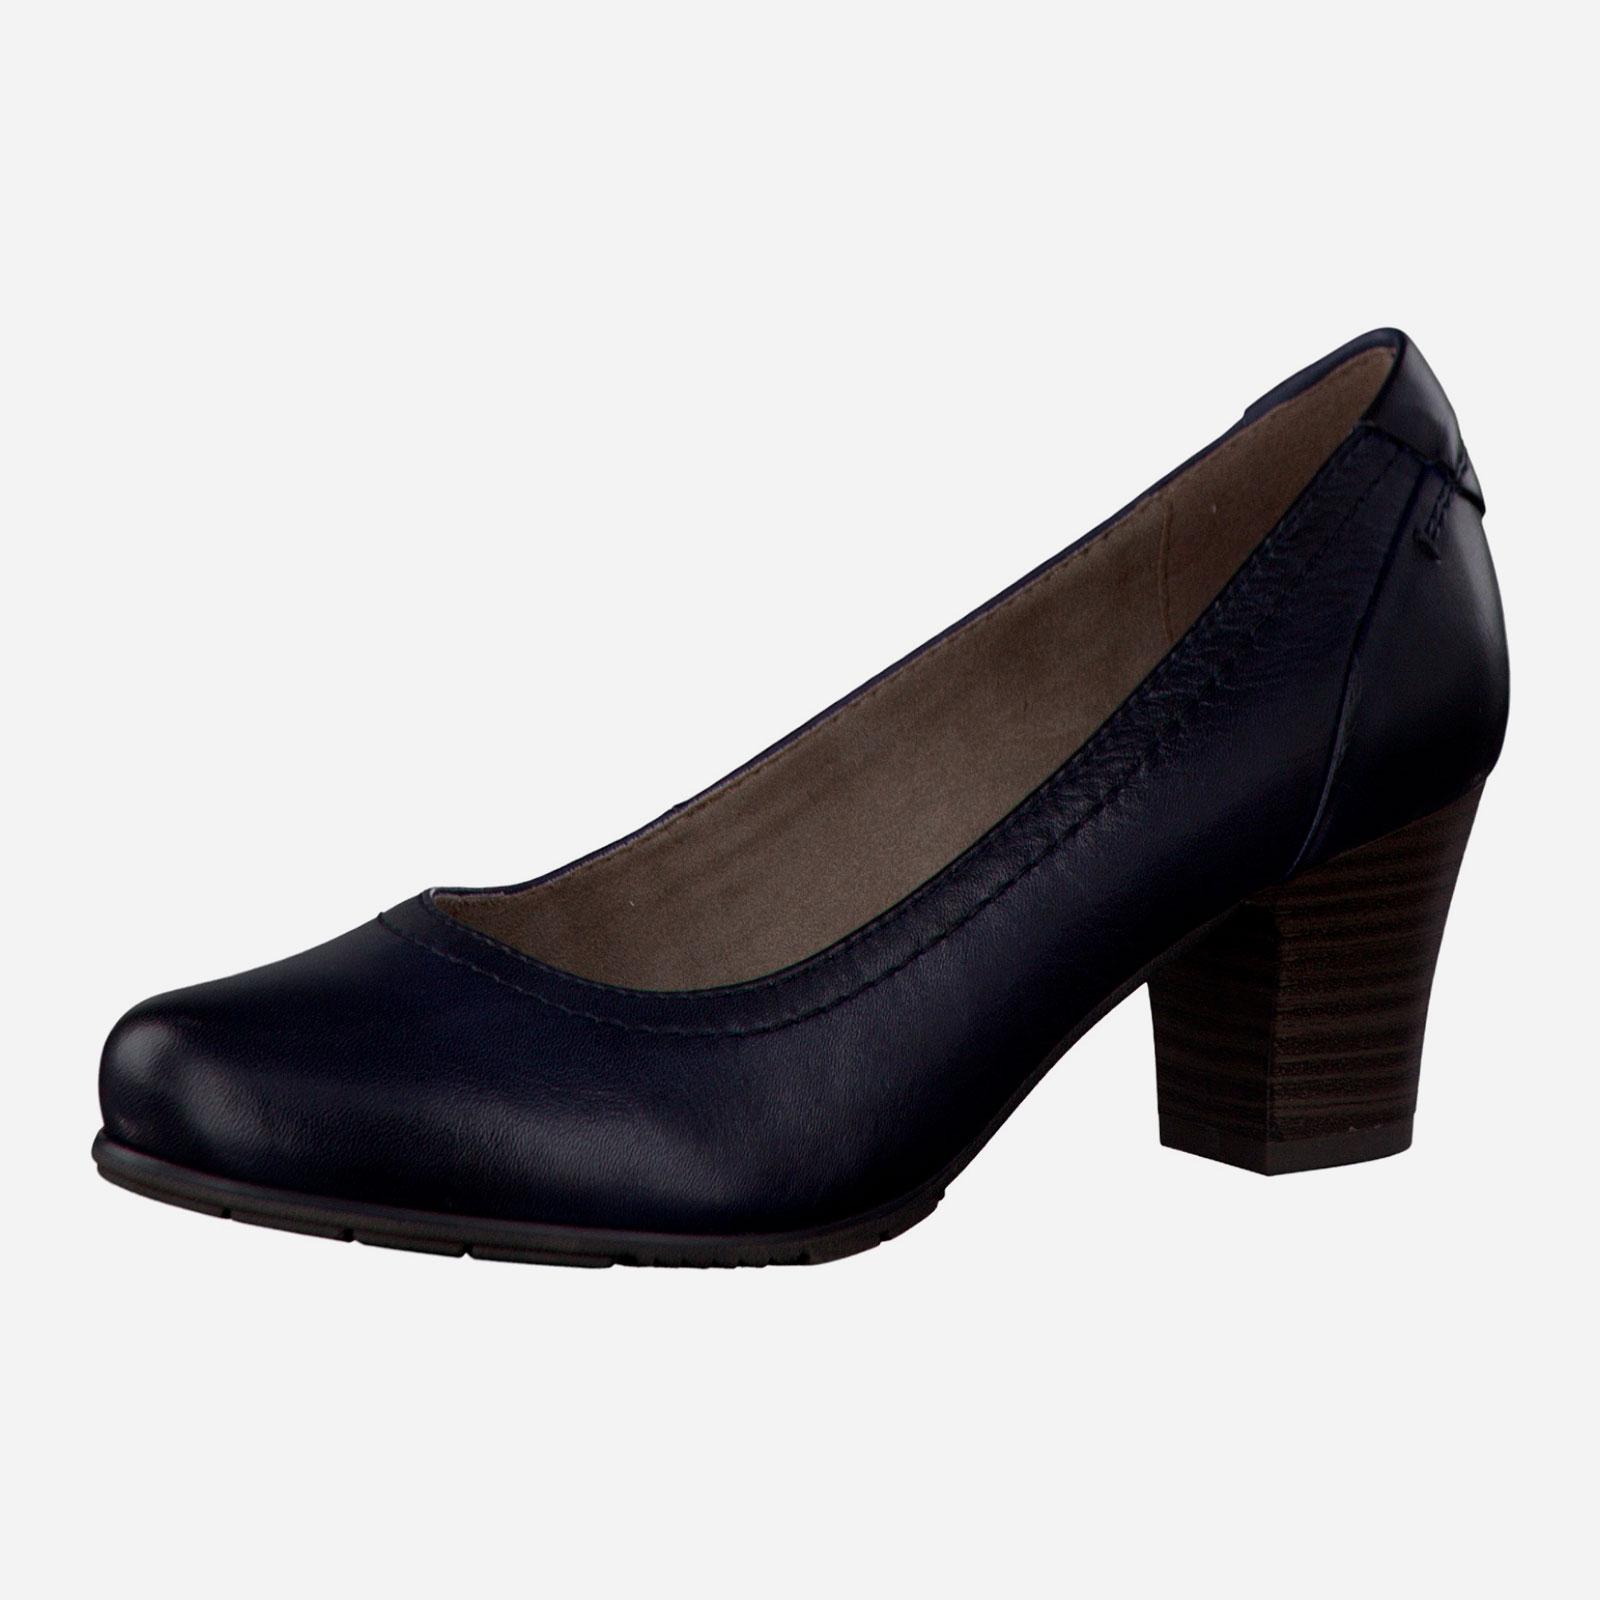 Туфли женские с накладкой на пятке